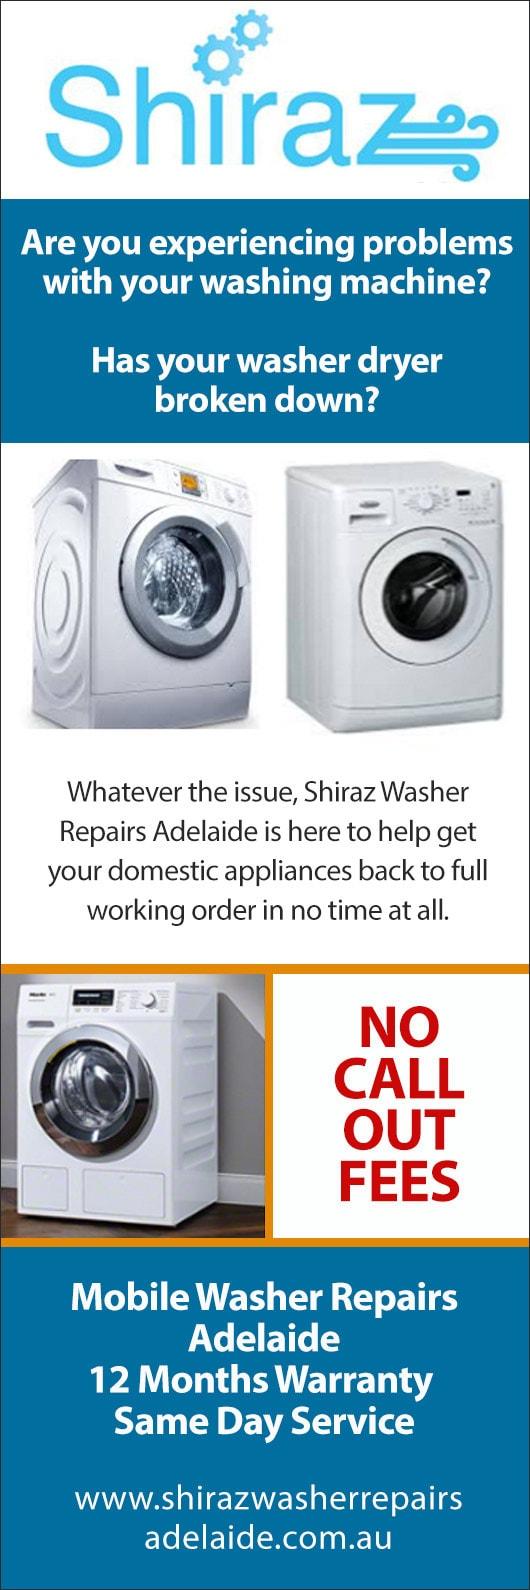 shiraz washer repairs adelaide - washing machines & dryer